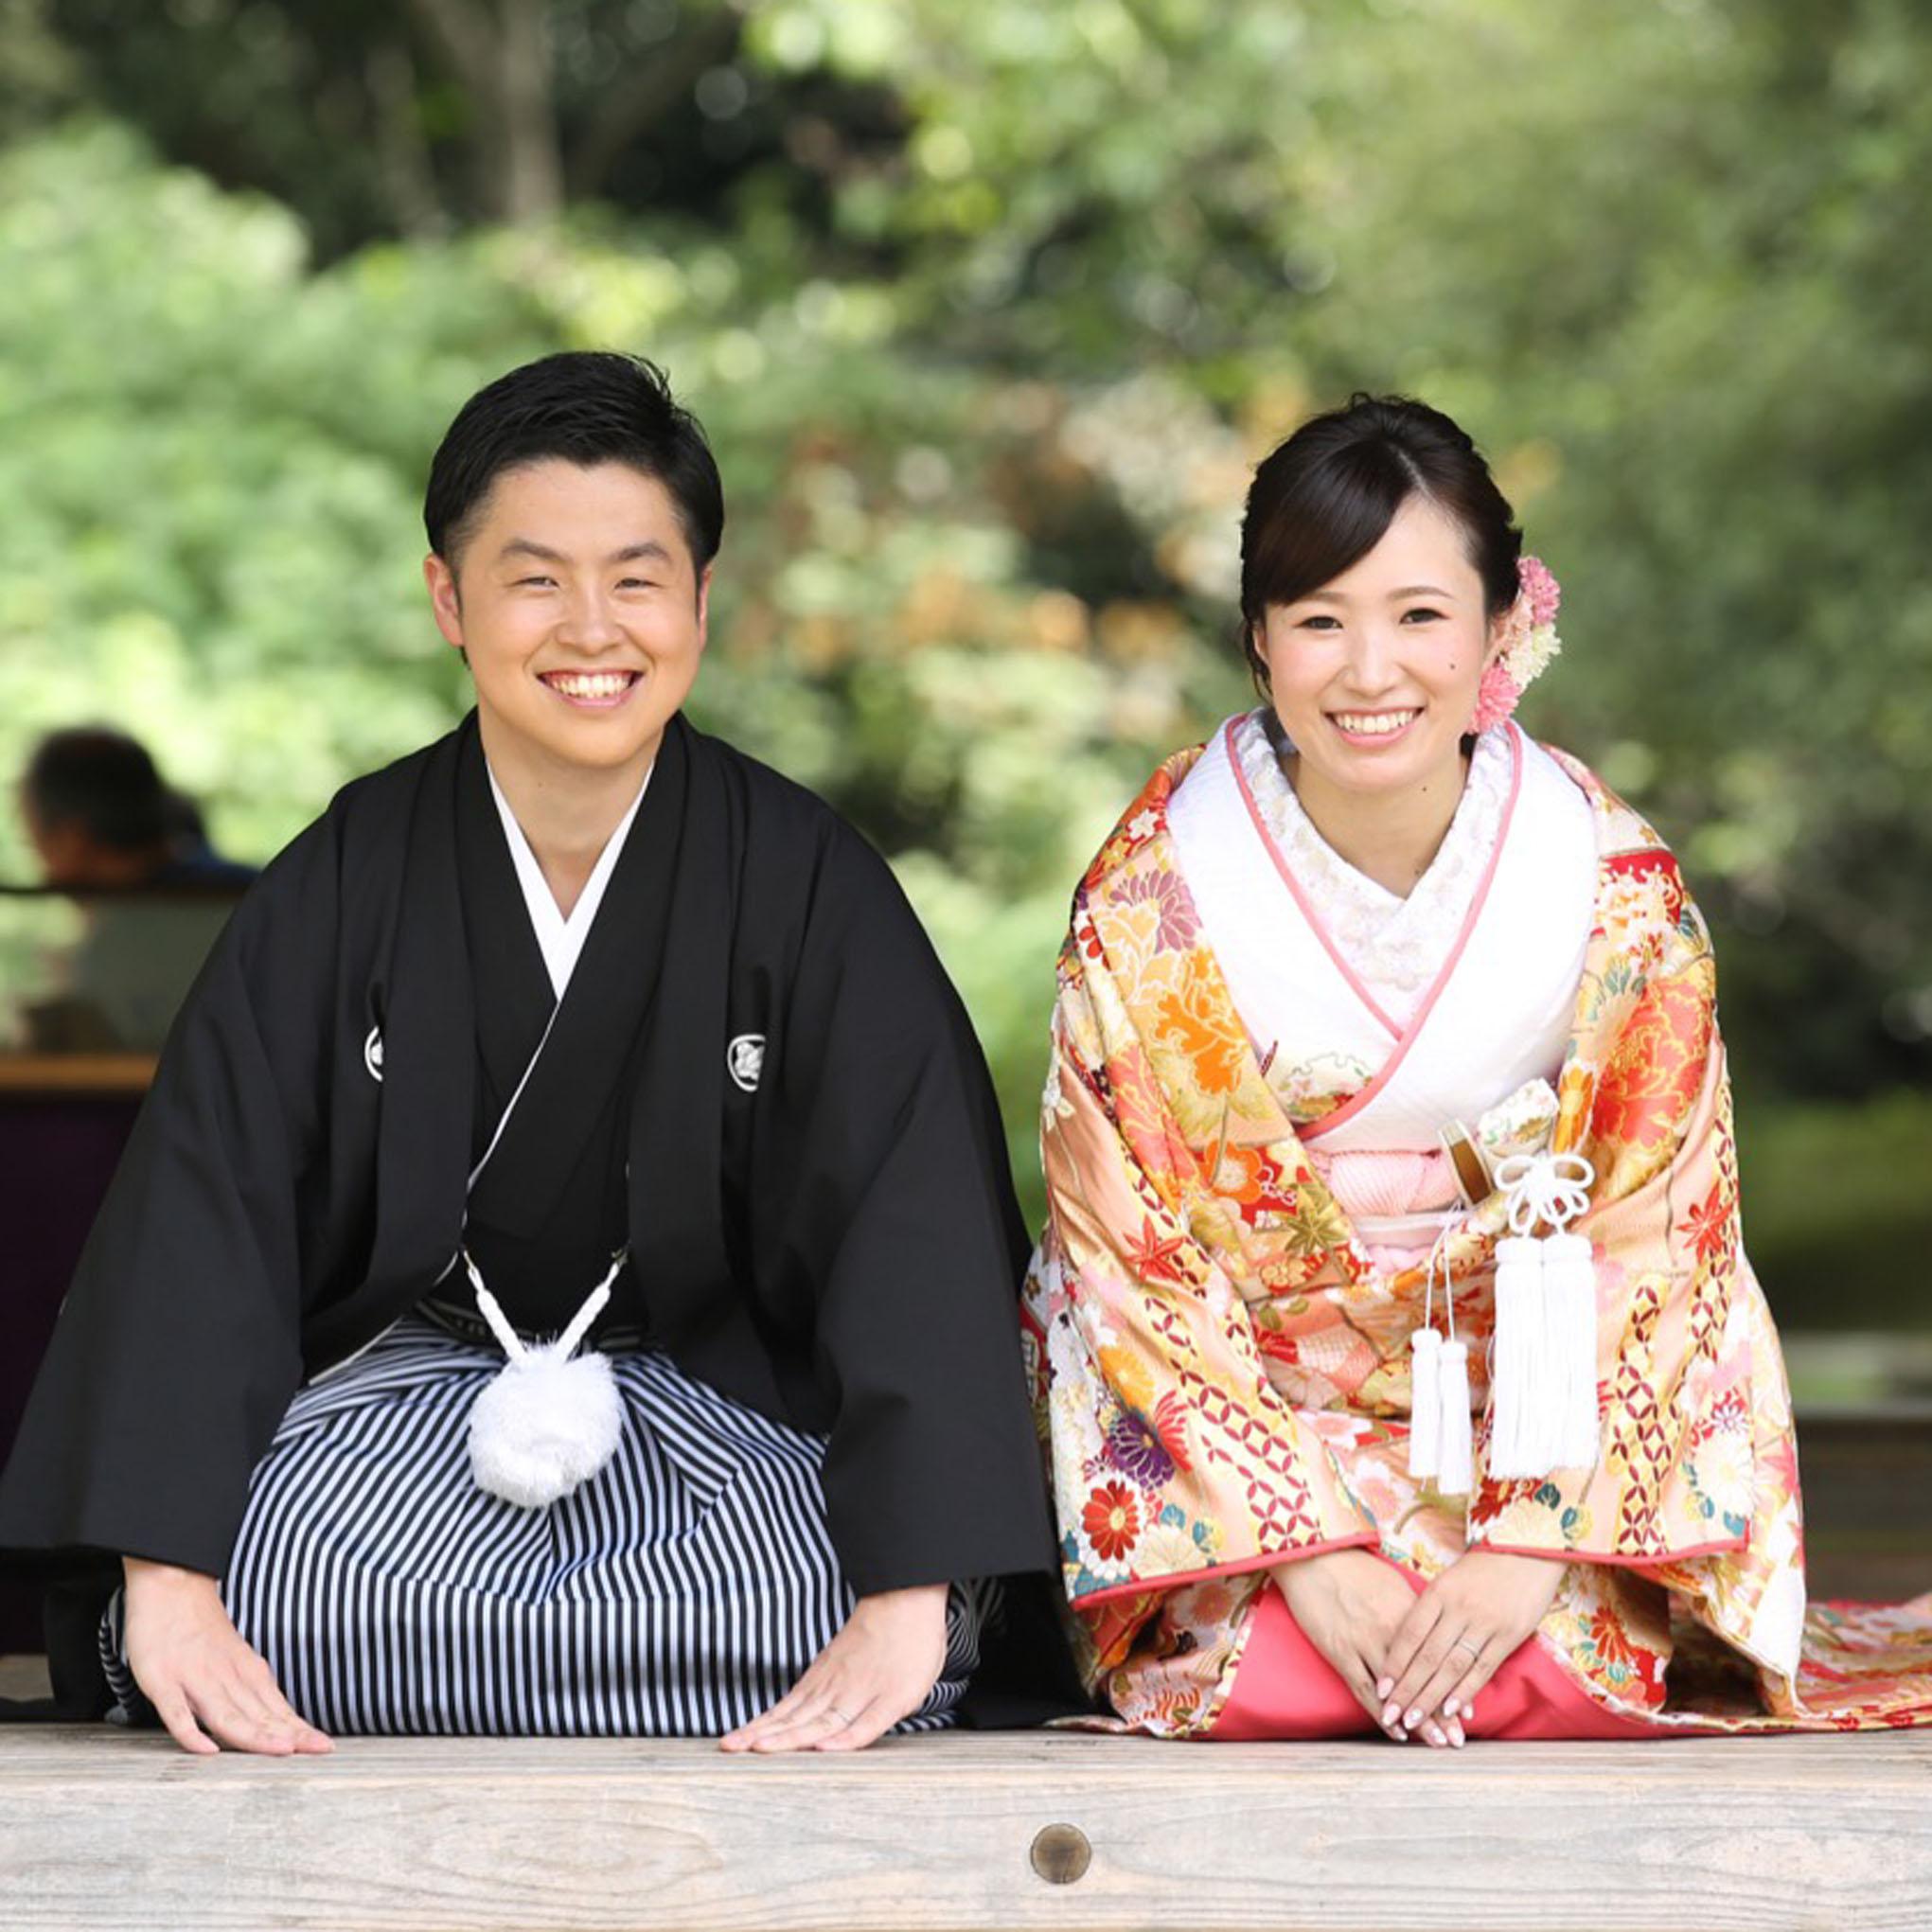 色打掛姿の花嫁と袴姿の花婿が正座で手をつき、正面に向かってご挨拶をしています。